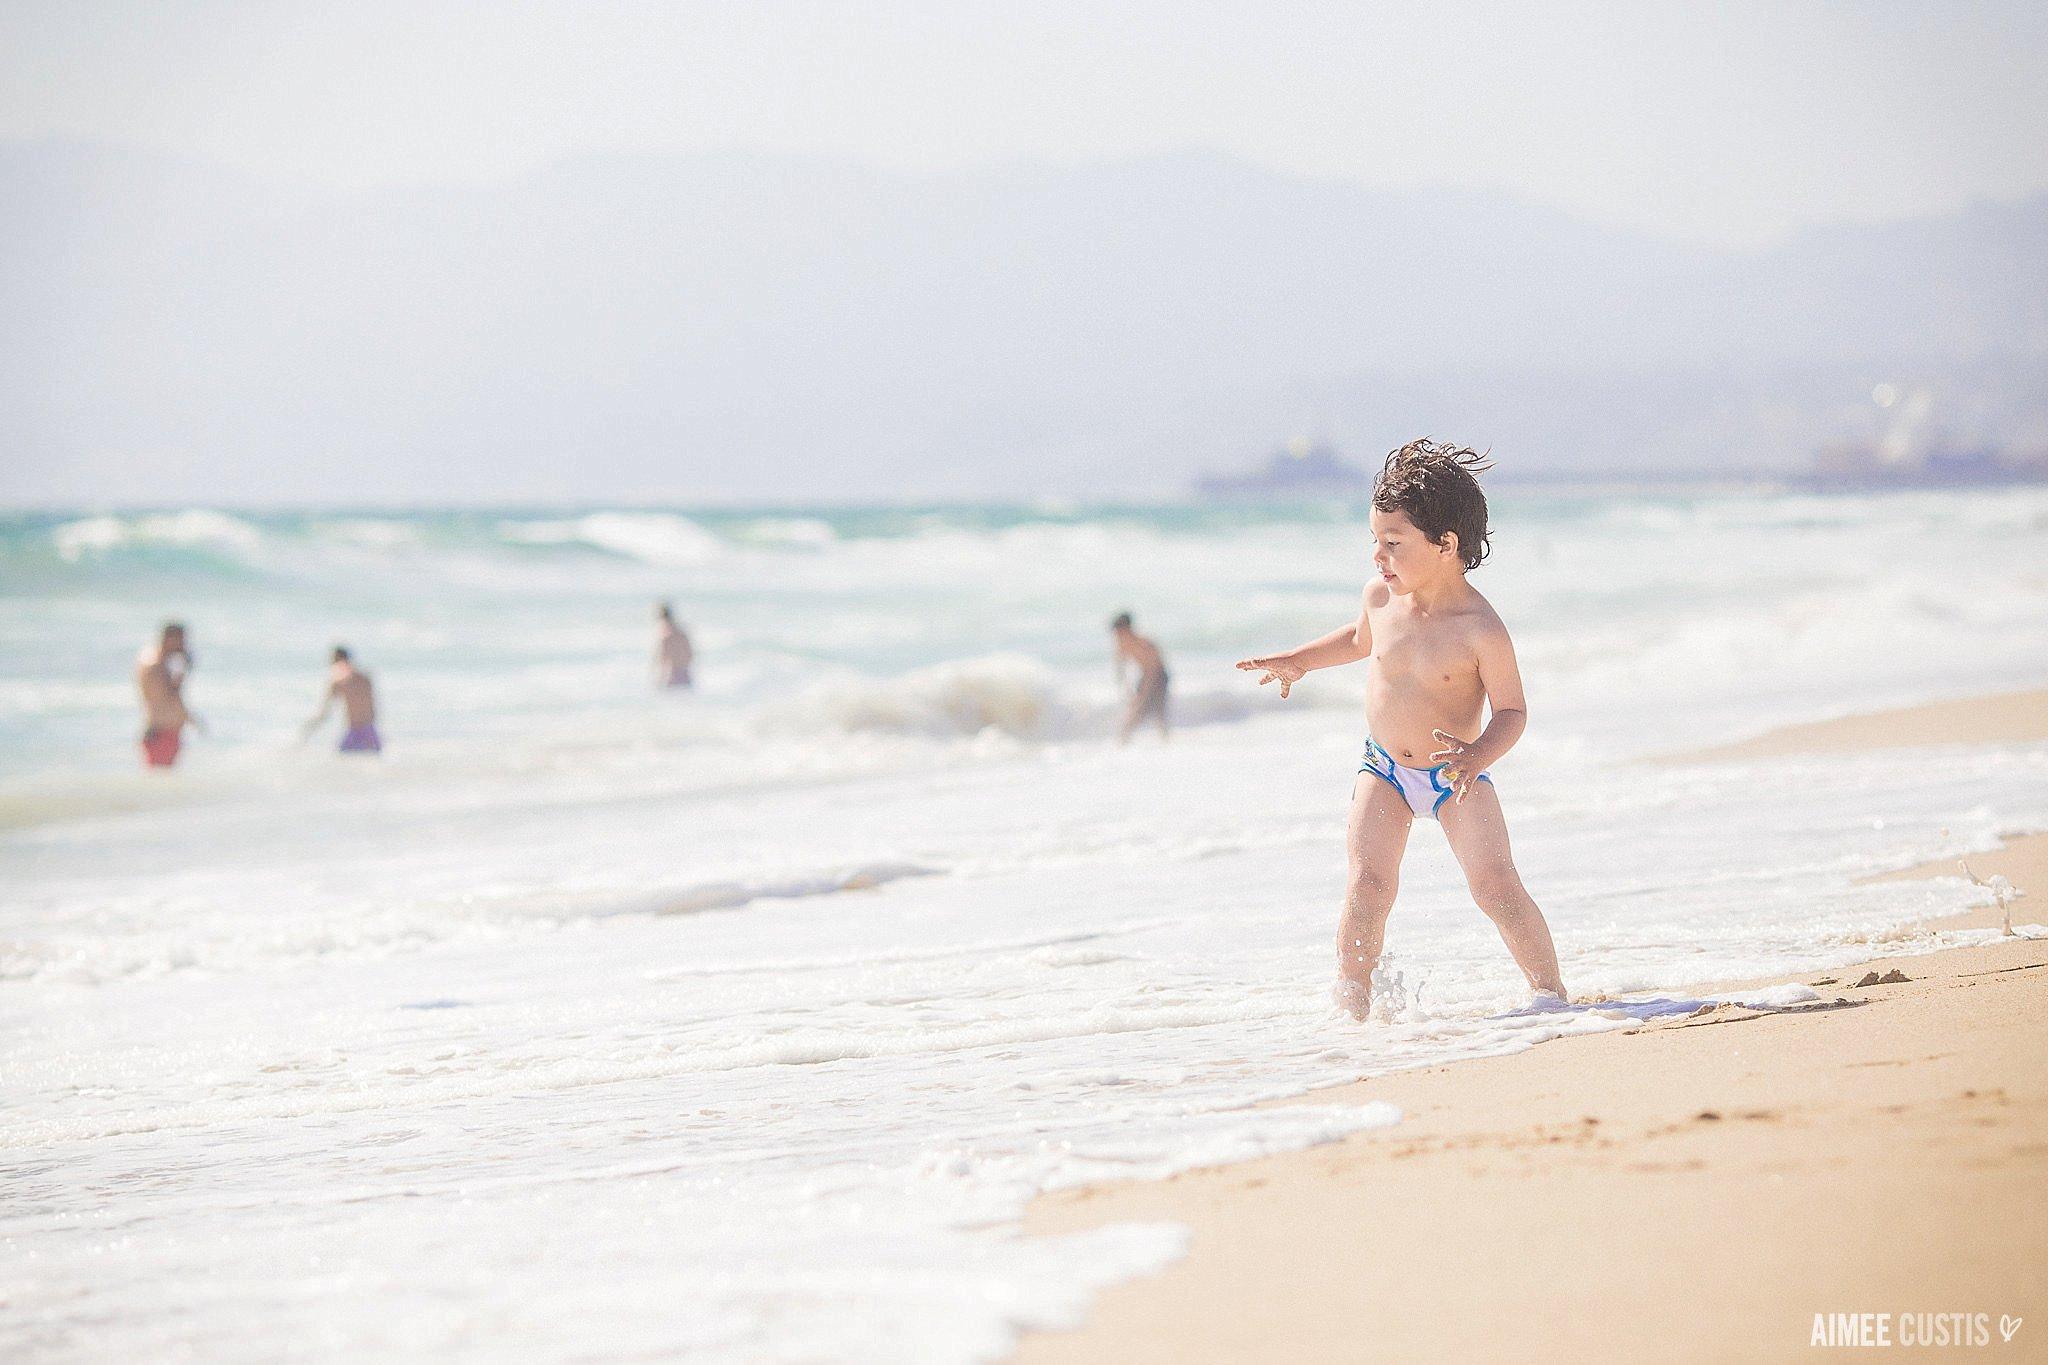 santa monica california beach